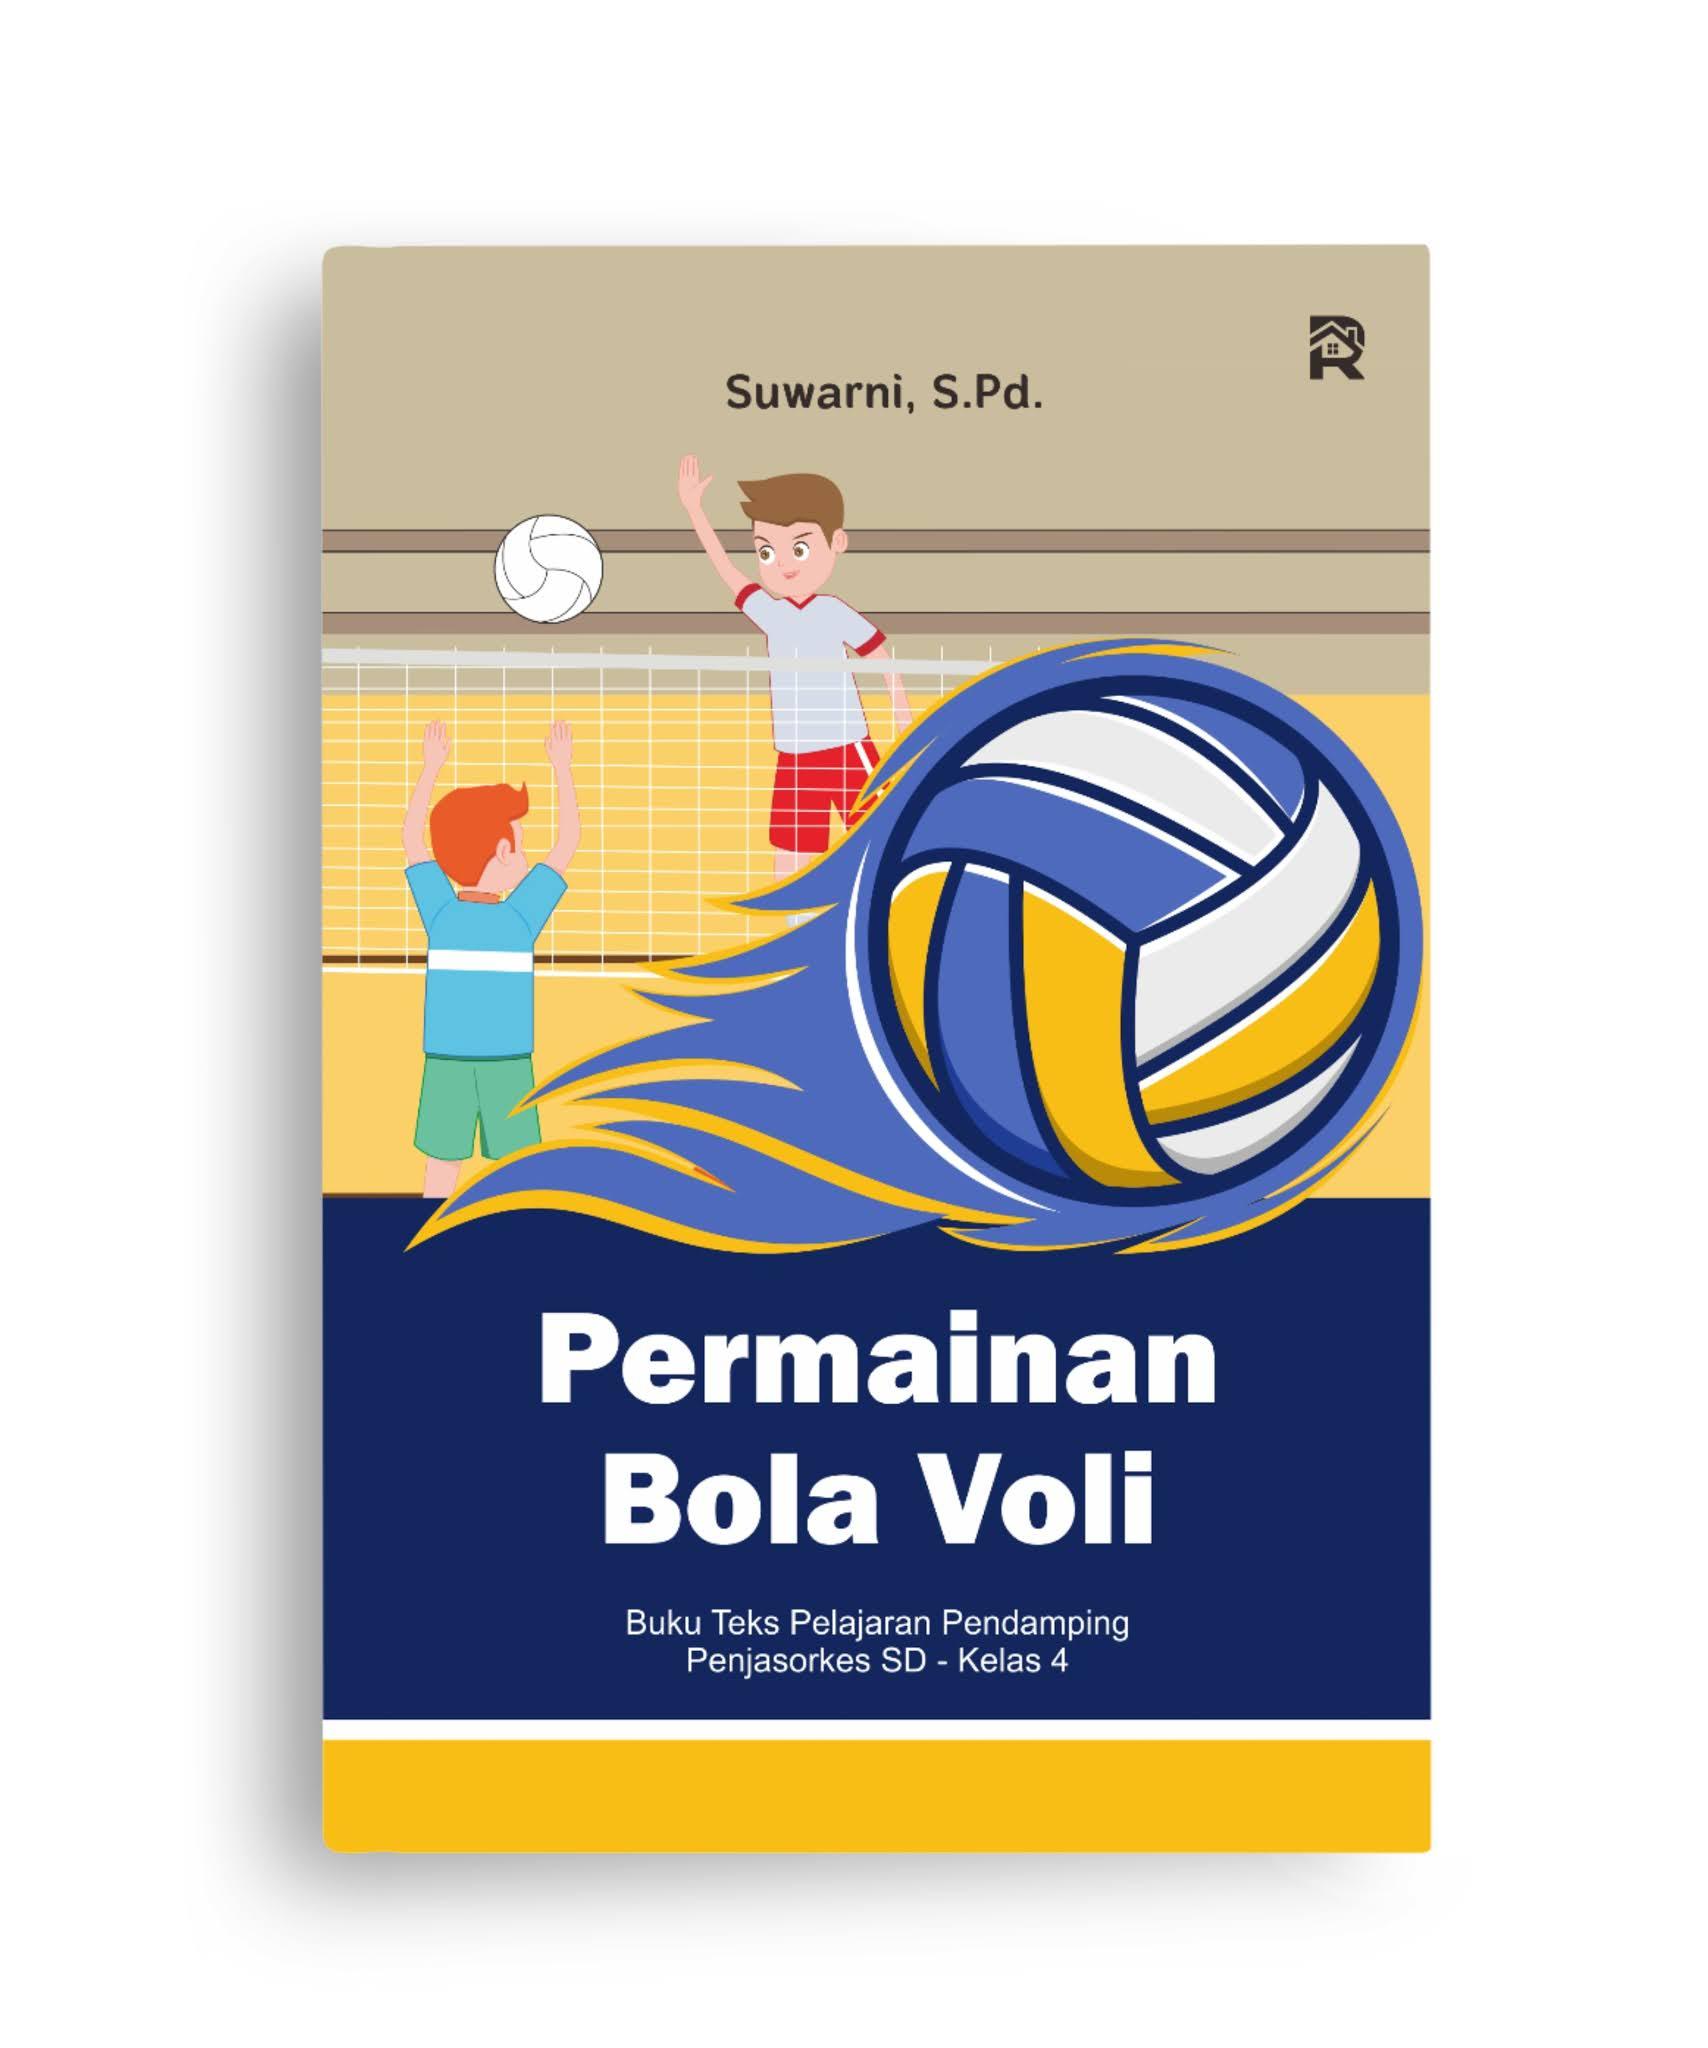 Permainan Bola Voli (Buku Teks Pelajaran Pendamping Penjasorkes SD - Kelas 4)